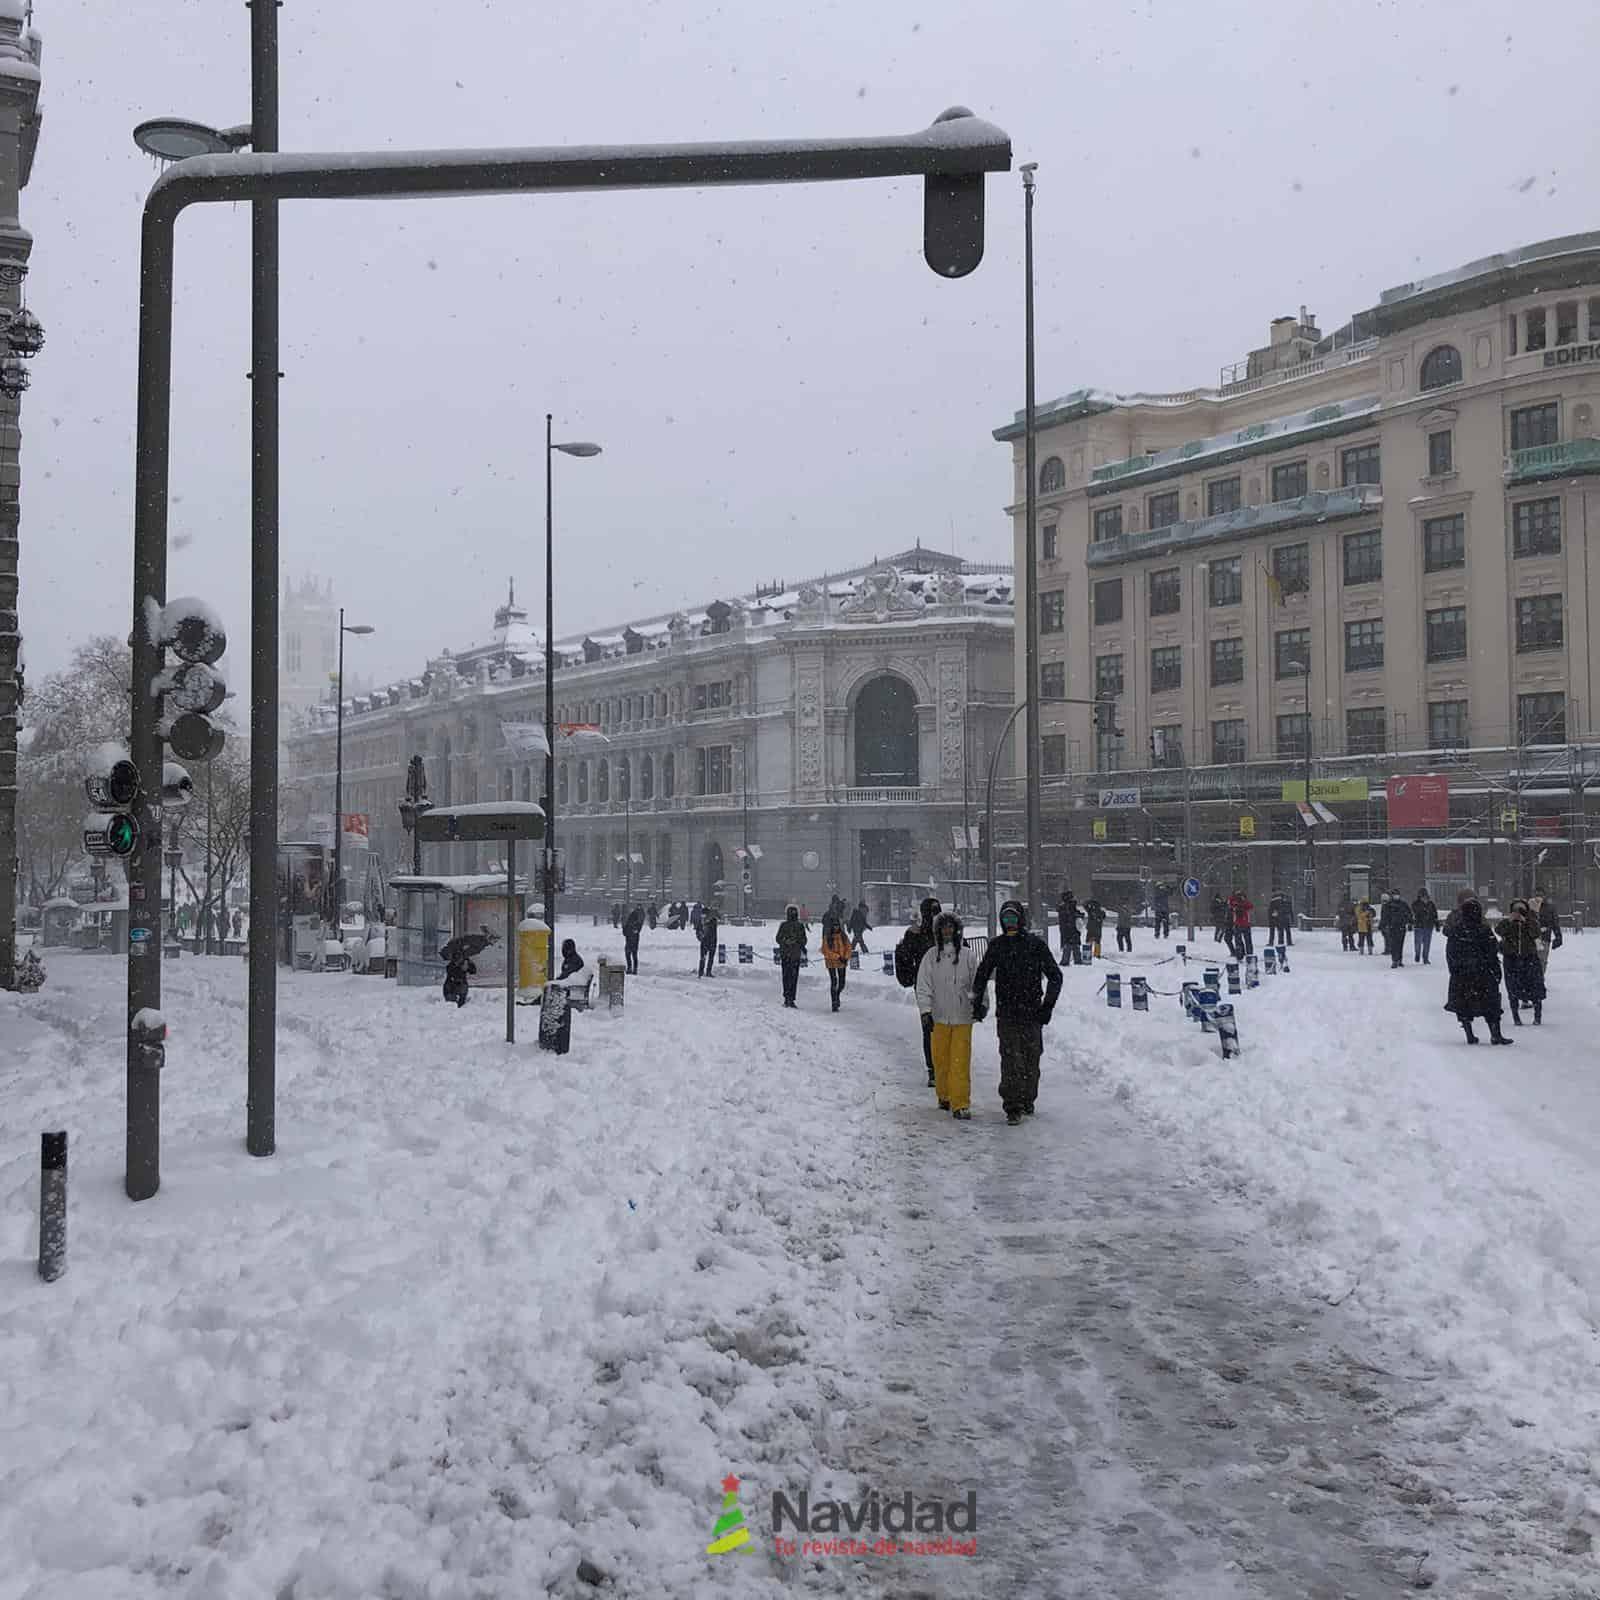 Fotografías de la nevada de enero en Madrid (España) 181